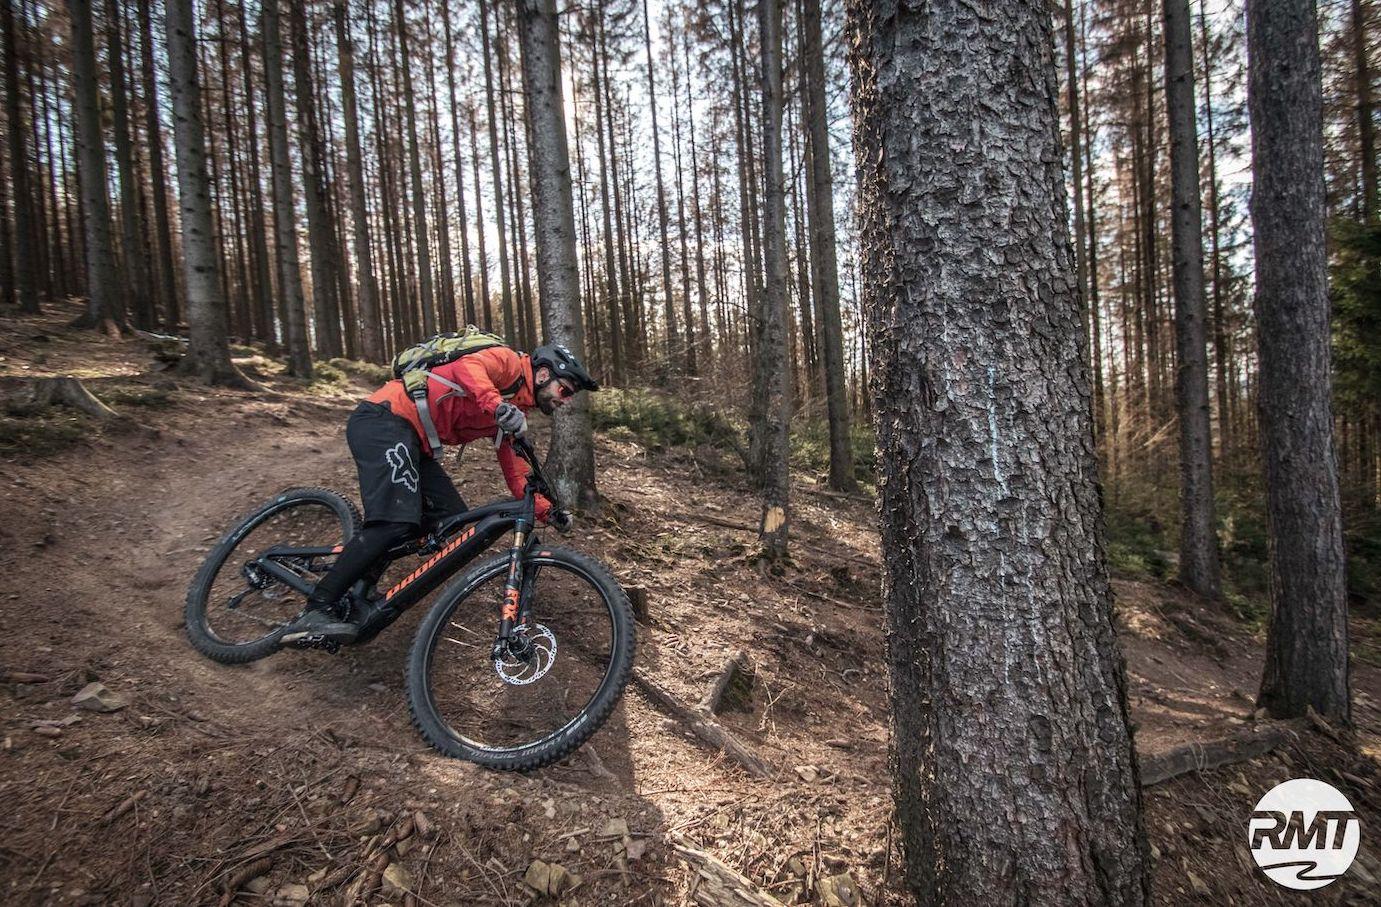 MTB Fahrtechnik Kurs Fortgeschrittene in Moers - Mountainbike Fortgeschritten - Rock my Trail Bikeschule - 6